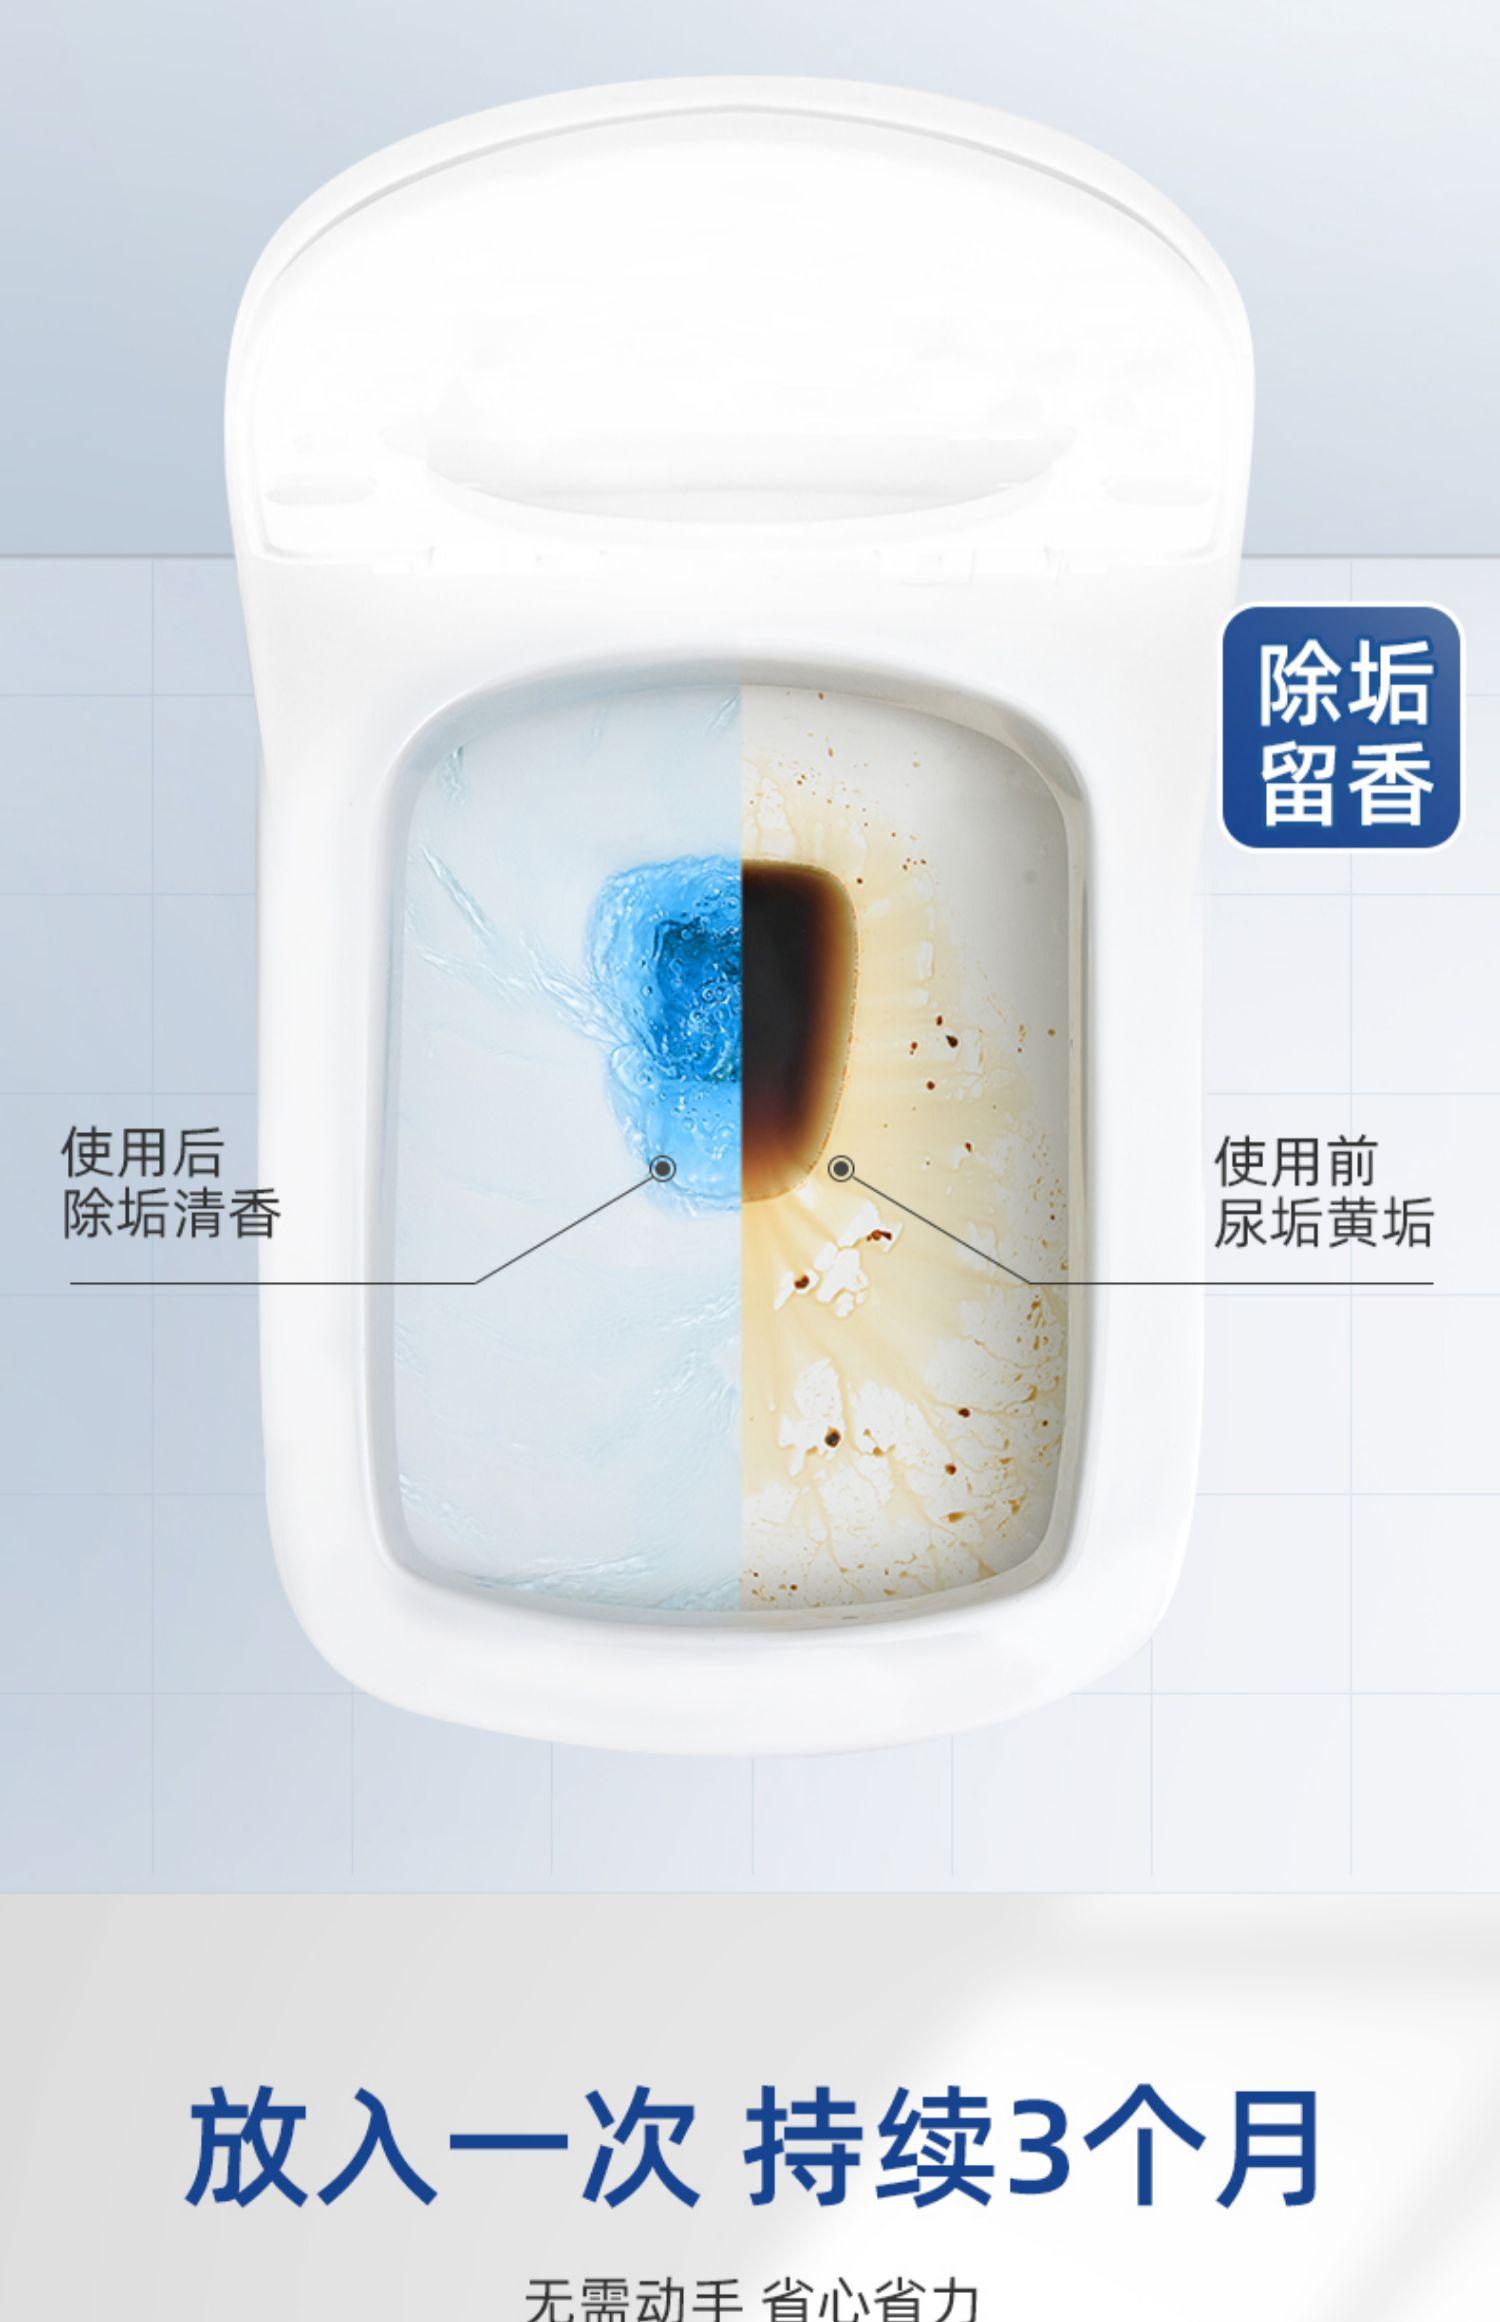 洁厕灵马桶除臭去异味厕所清洁剂液宝蓝泡泡家用除垢黄神器清香型商品详情图